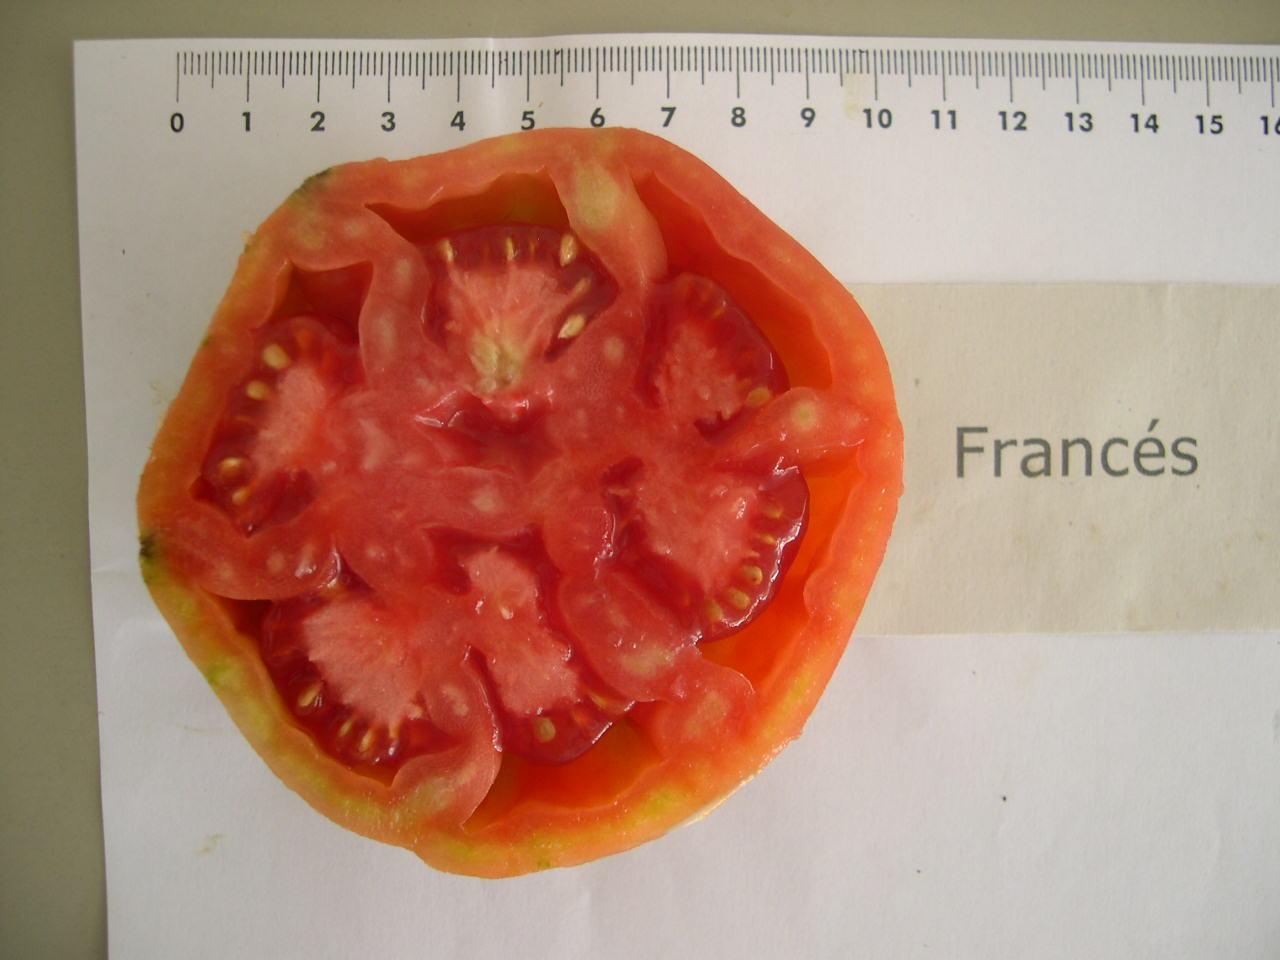 frances1.JPG